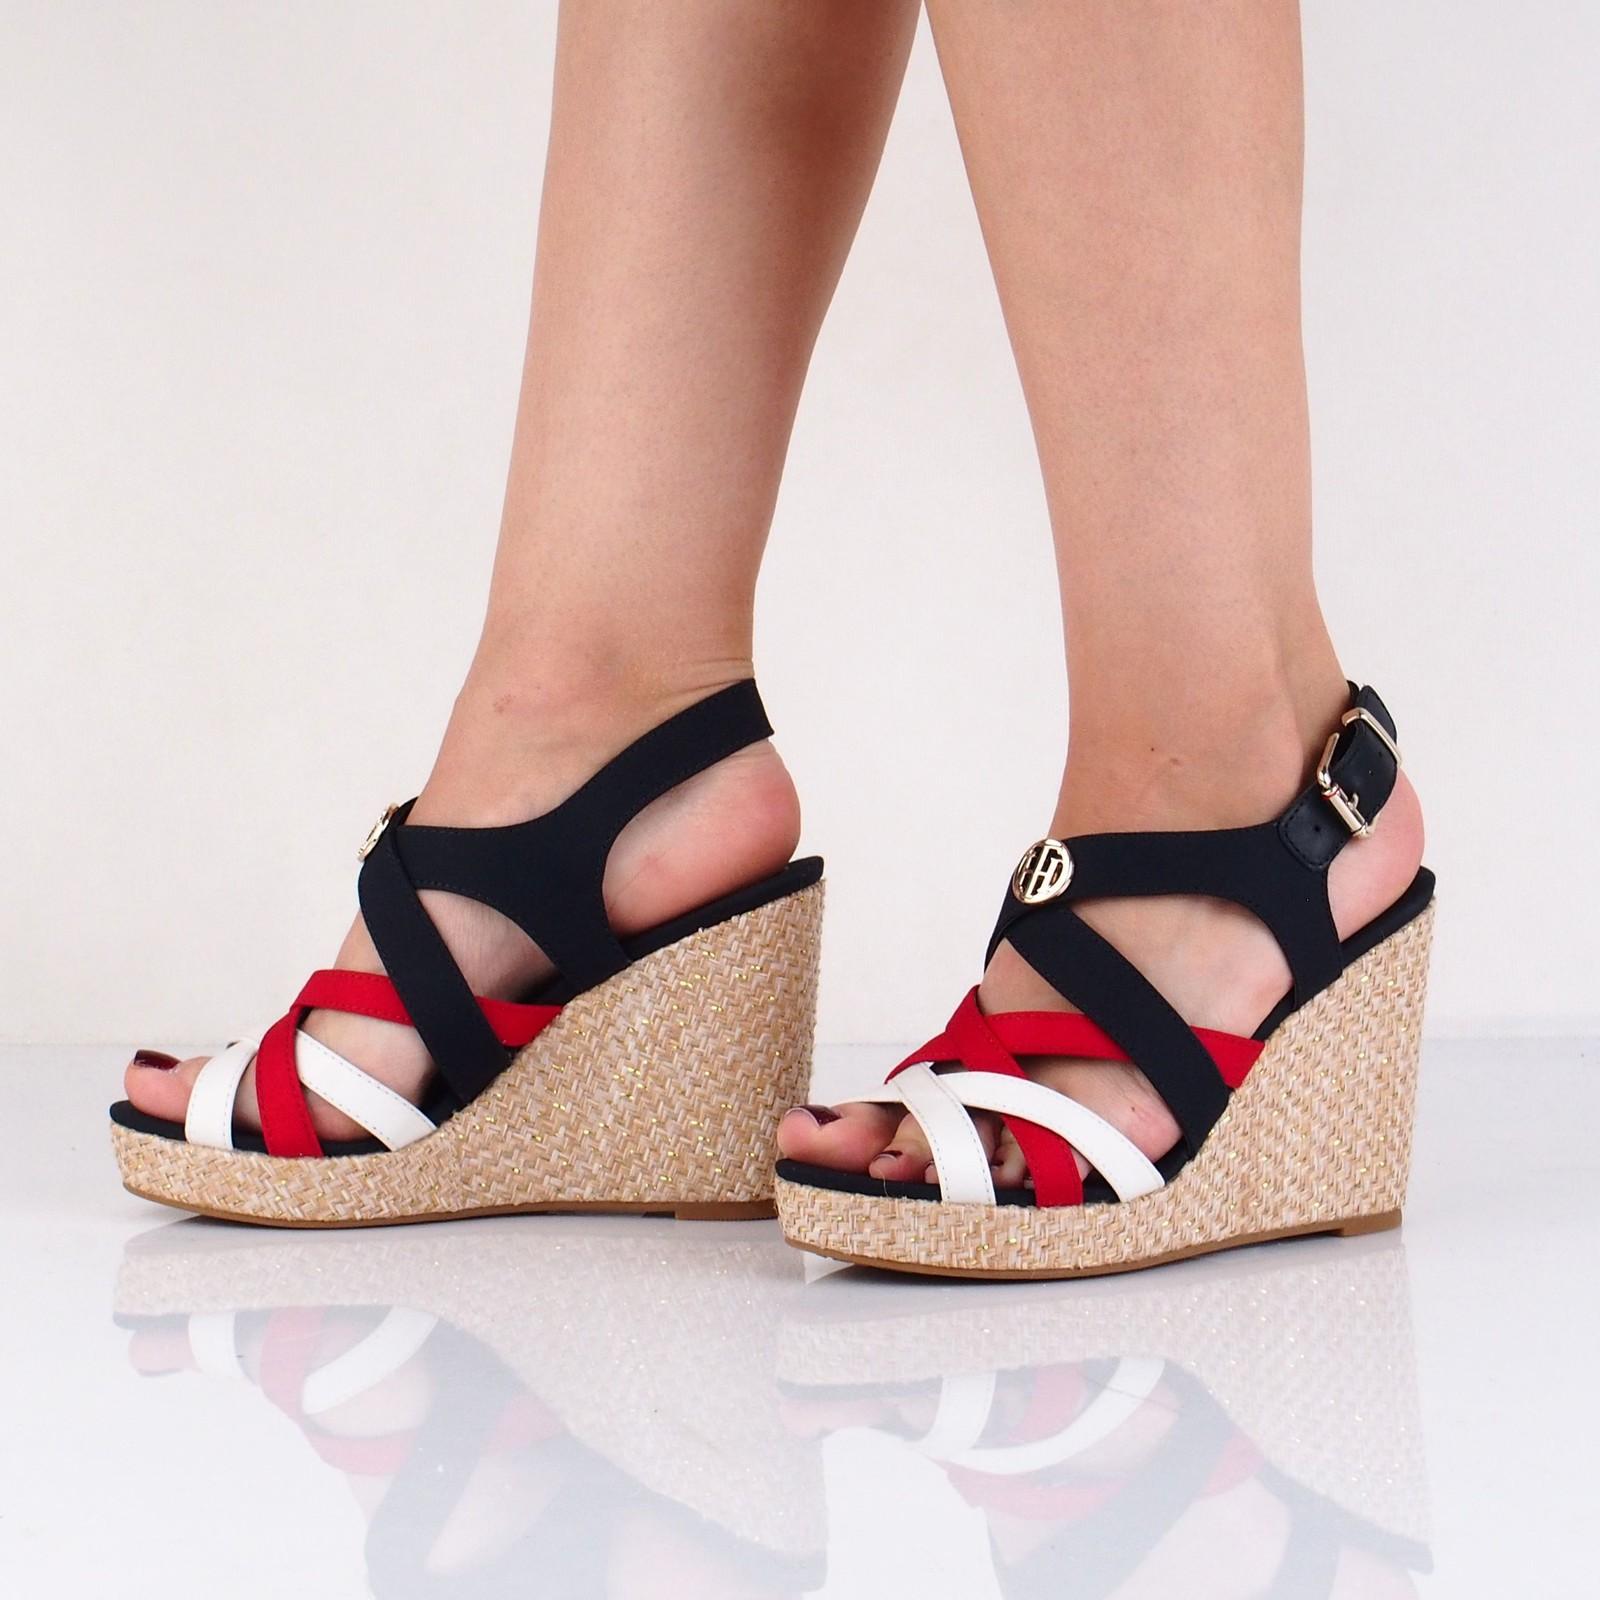 Tommy Hilfiger dámske štýlové sandále na klinovej podrážke - viacfarebné